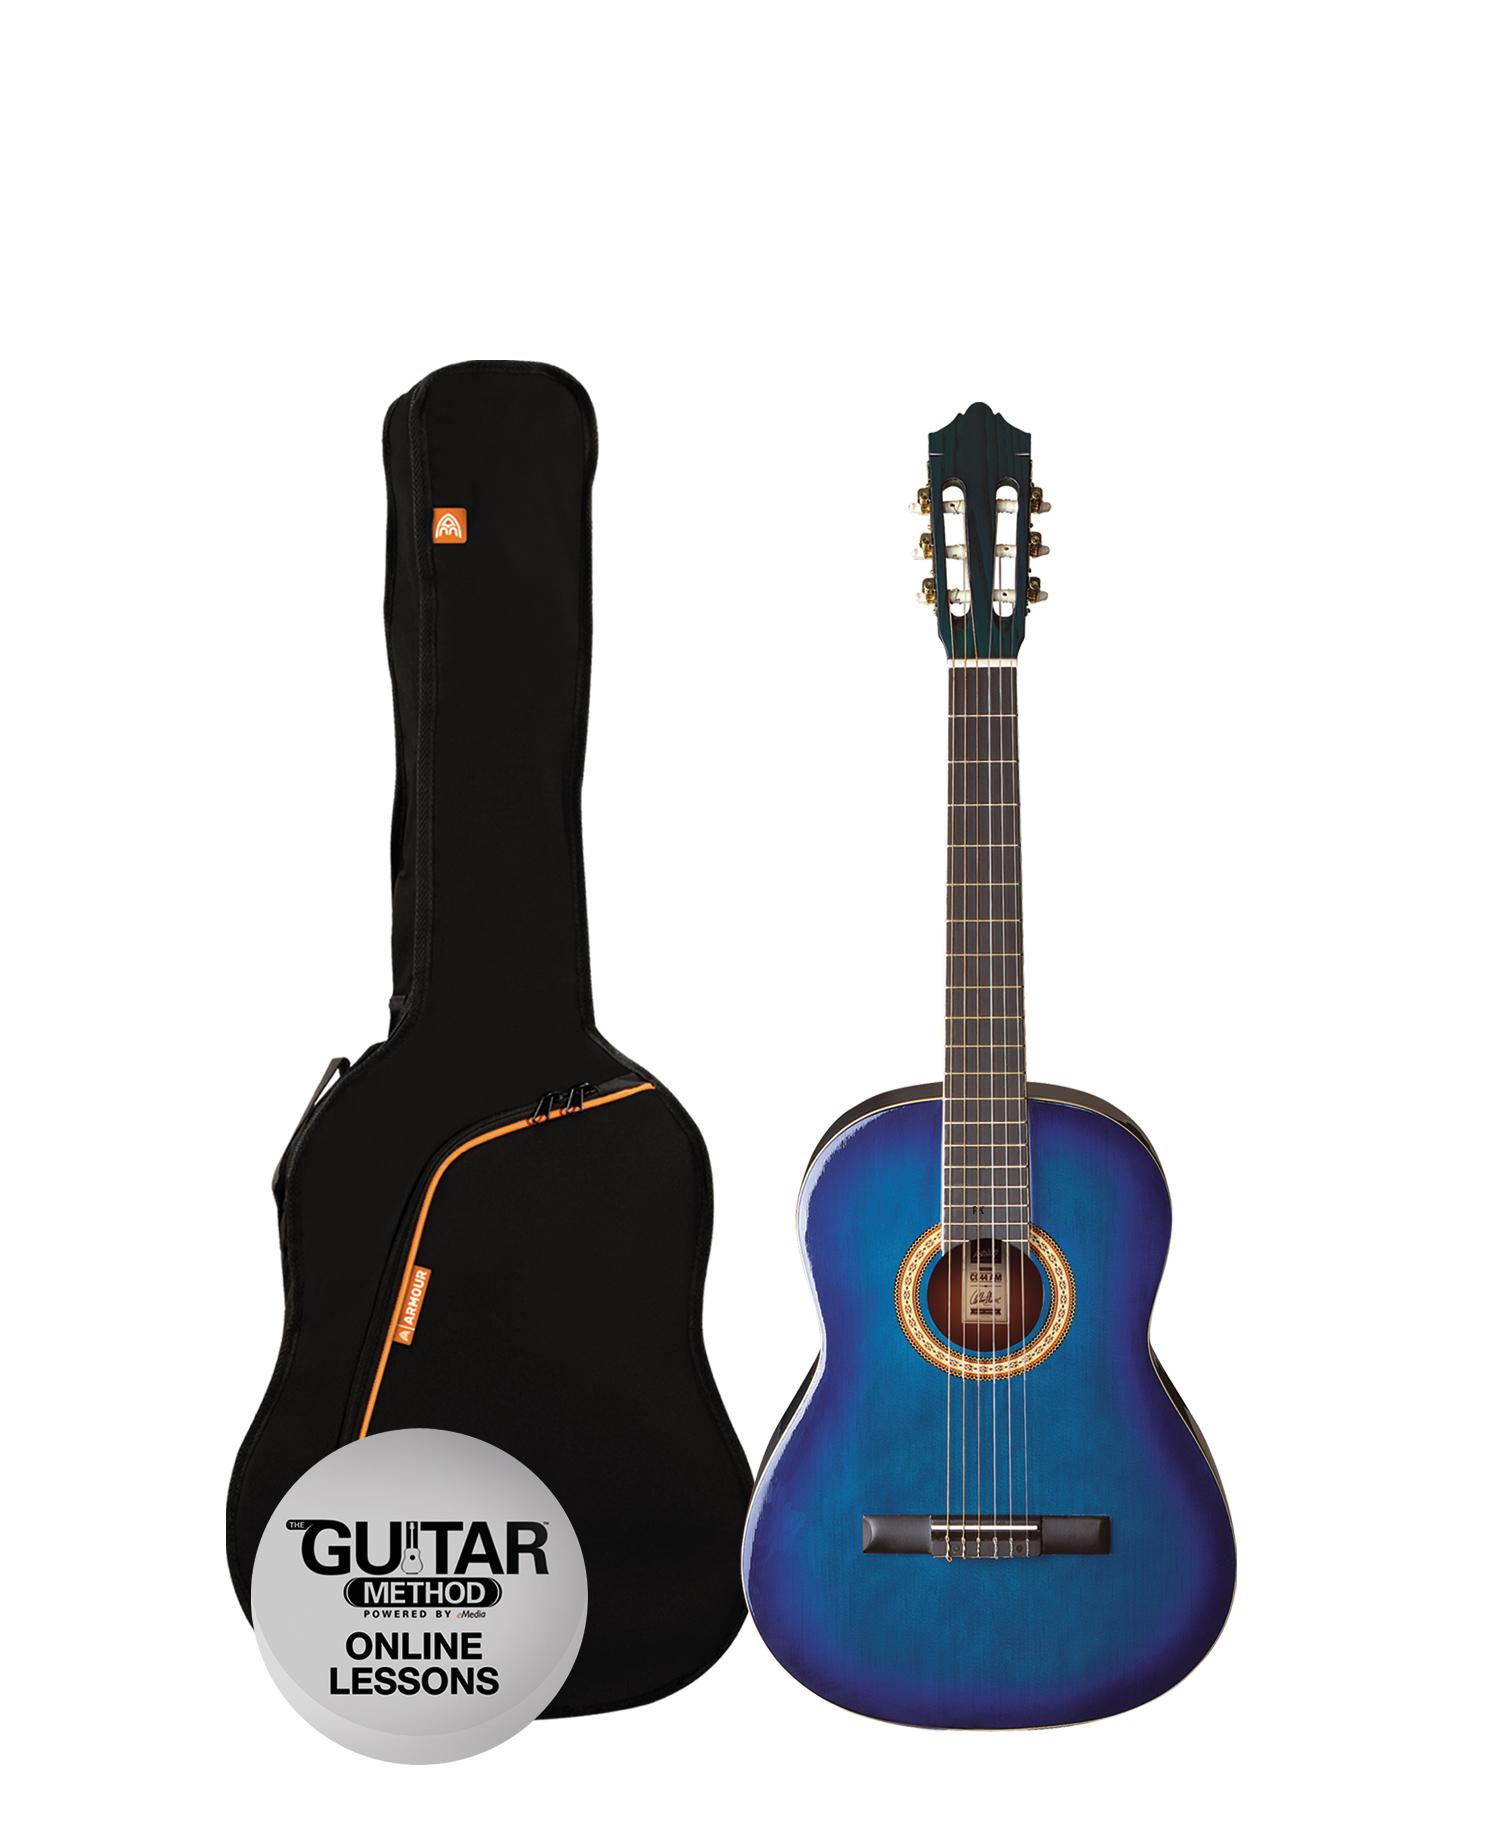 SPCG14TBB - Pack Guitarra Clasica 1/2 Spcg14TBB AZUL - Ashton